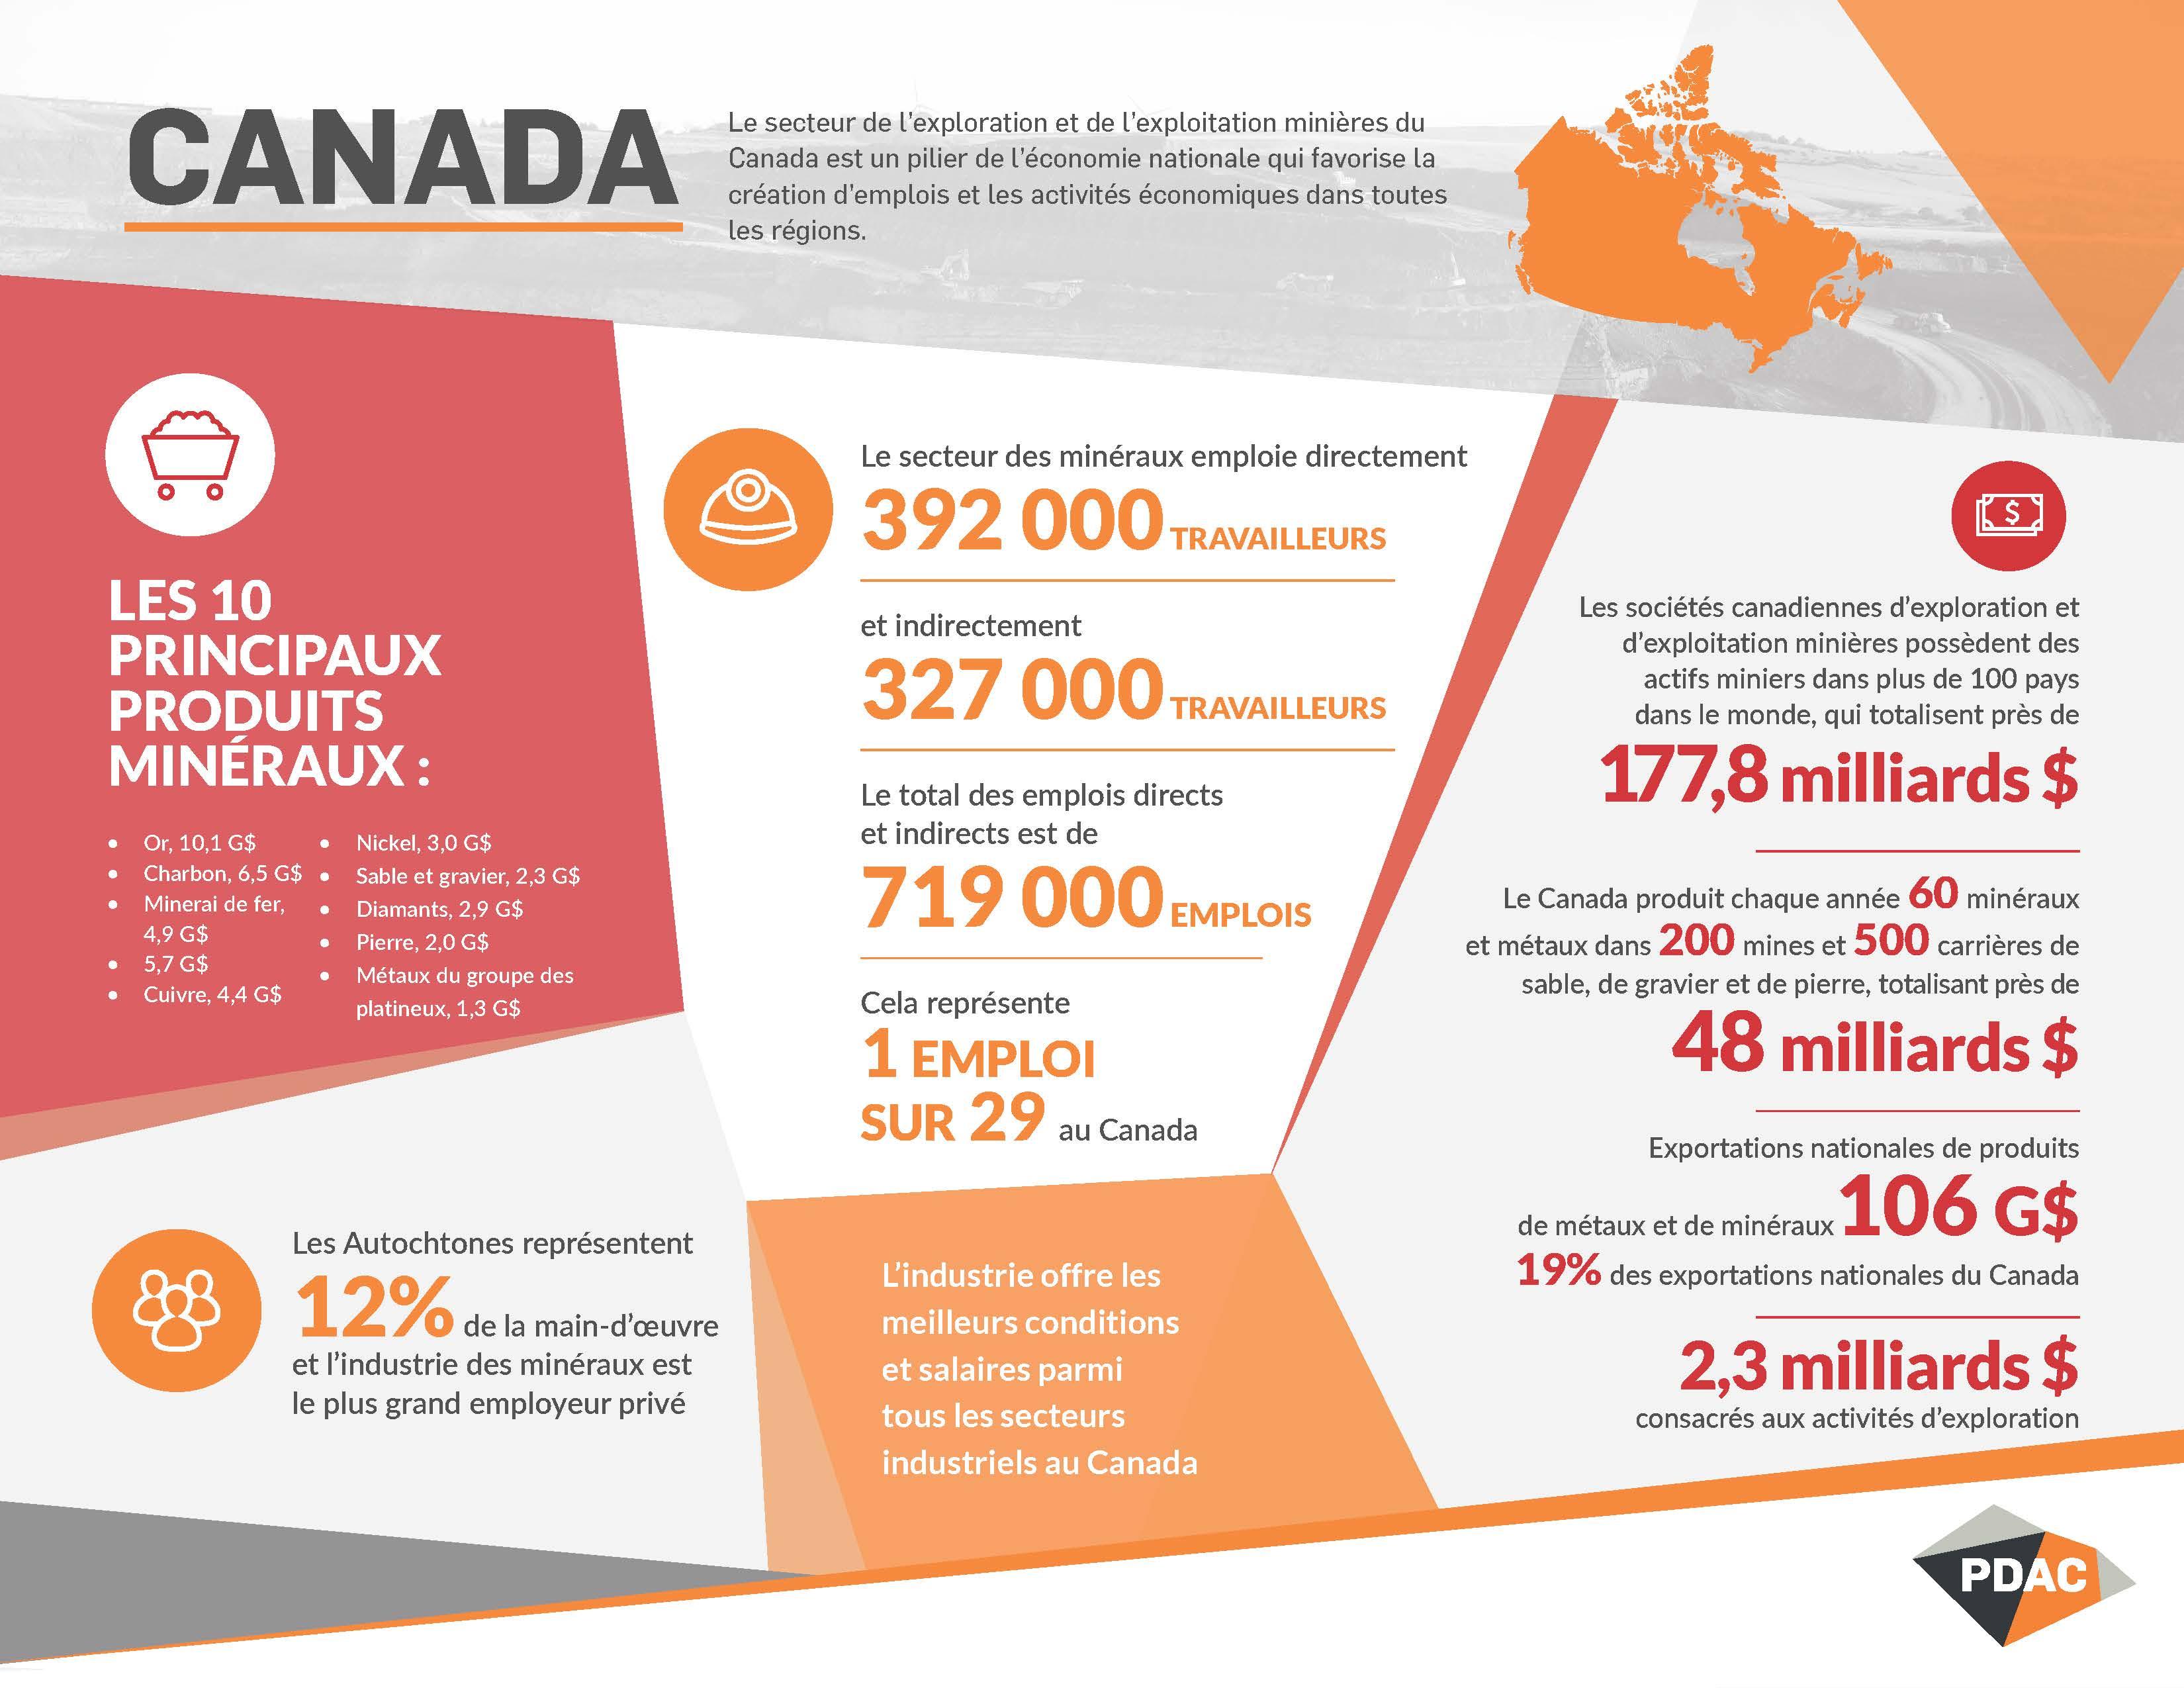 PDAC Canada